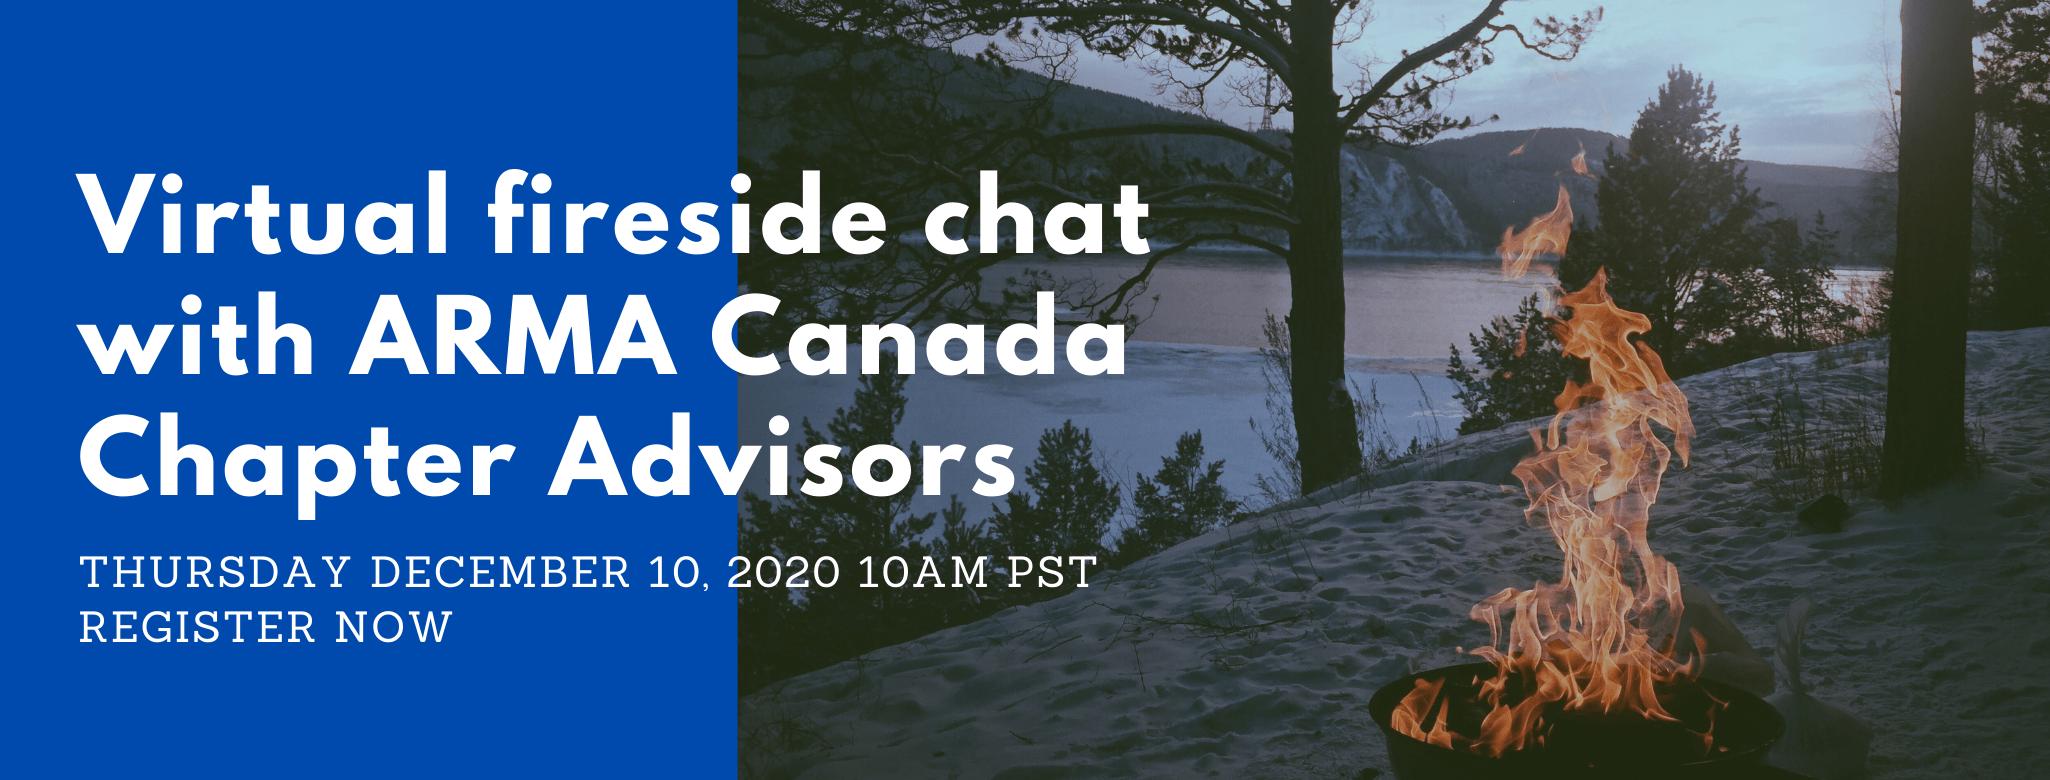 ARMA Canada Fireside Chat Dec 10 2020